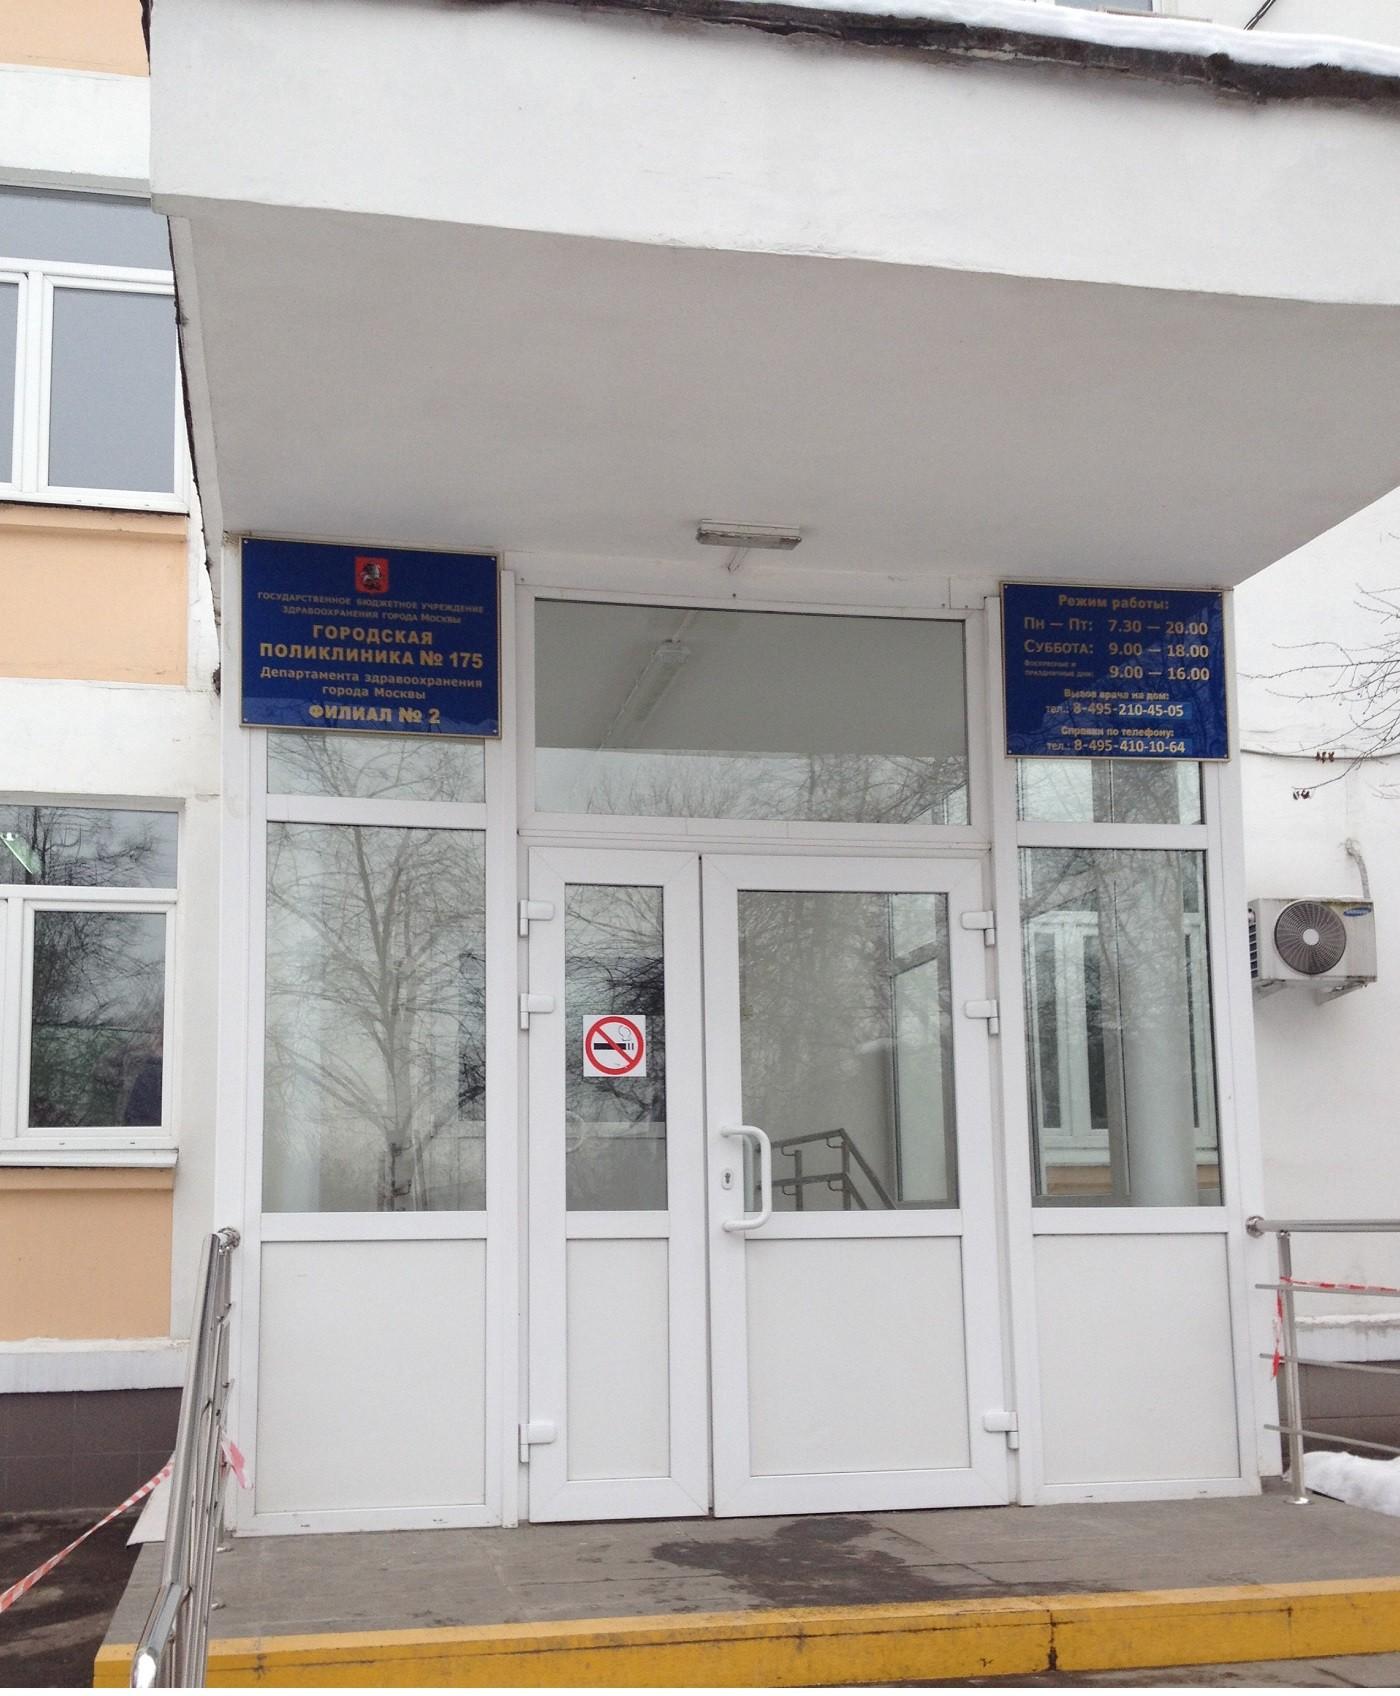 Городская поликлиника  175 Филиал  1